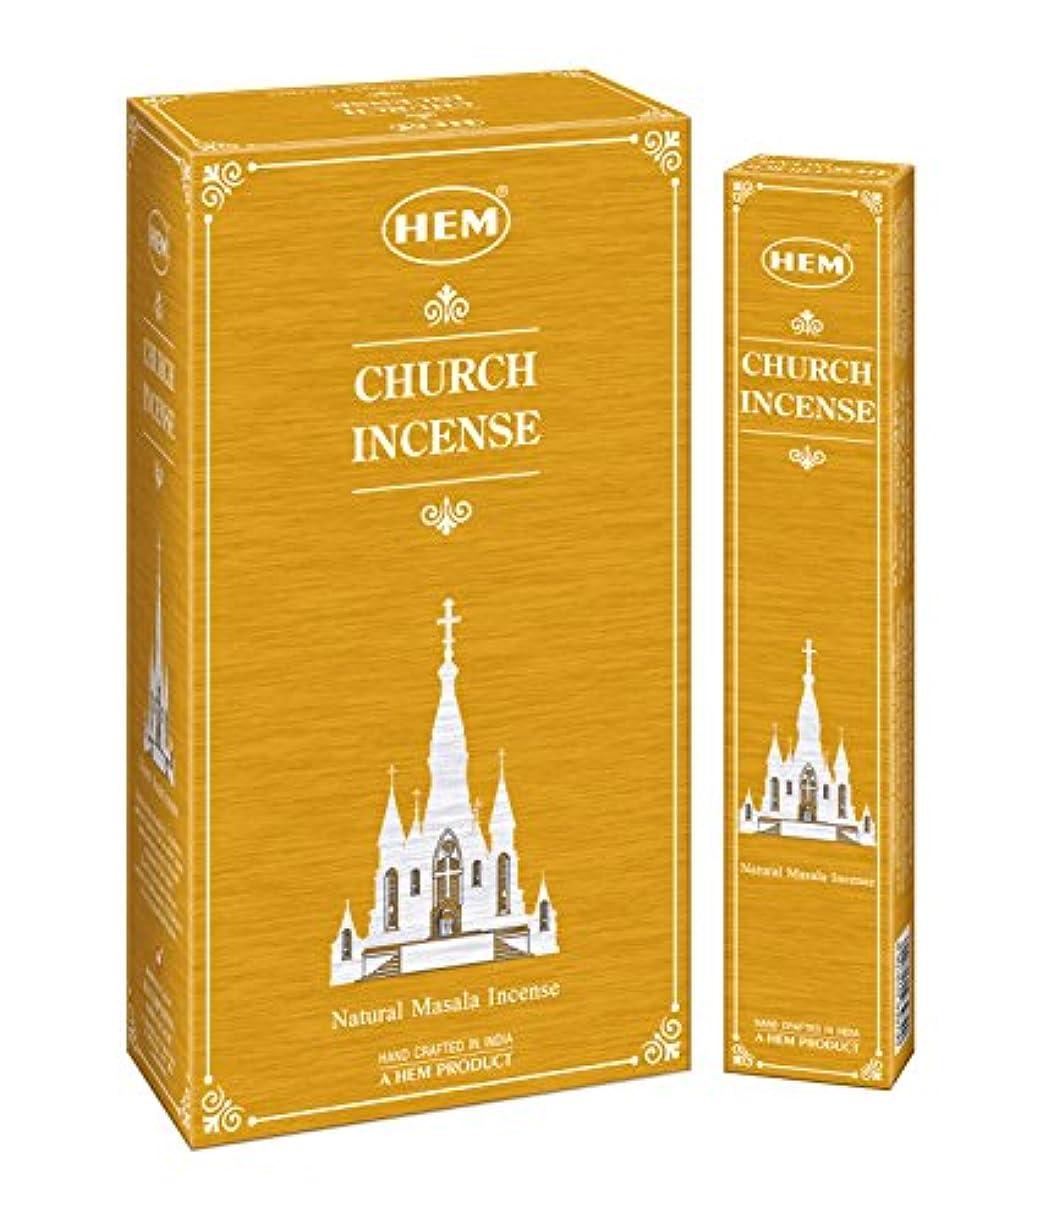 アドバンテージ浅い香りHEM お香 限定 フレグランス 教会 お香 マサラ アガーバティスティック 12本セット 各15グラム